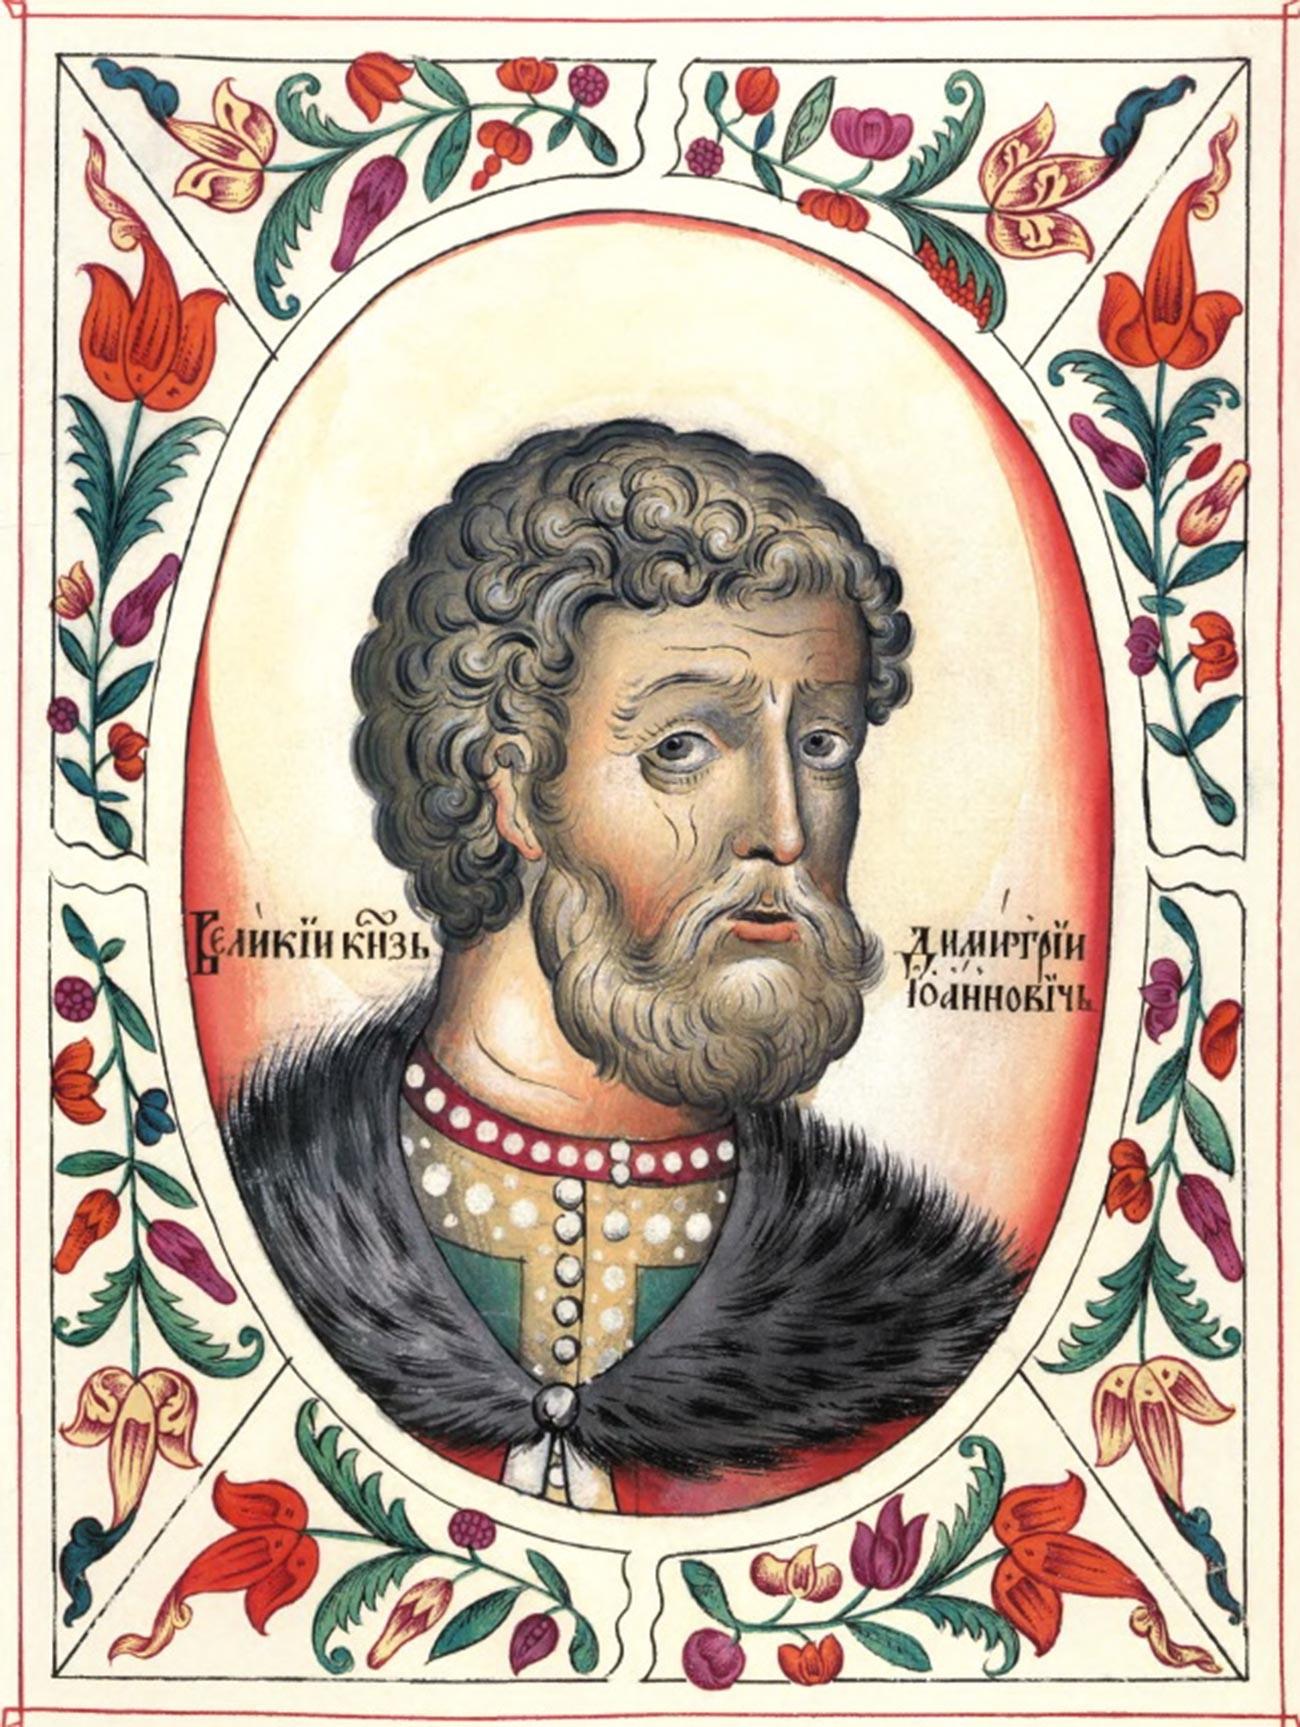 Dmítri Donskôi em retrato retirado de crônica russa.